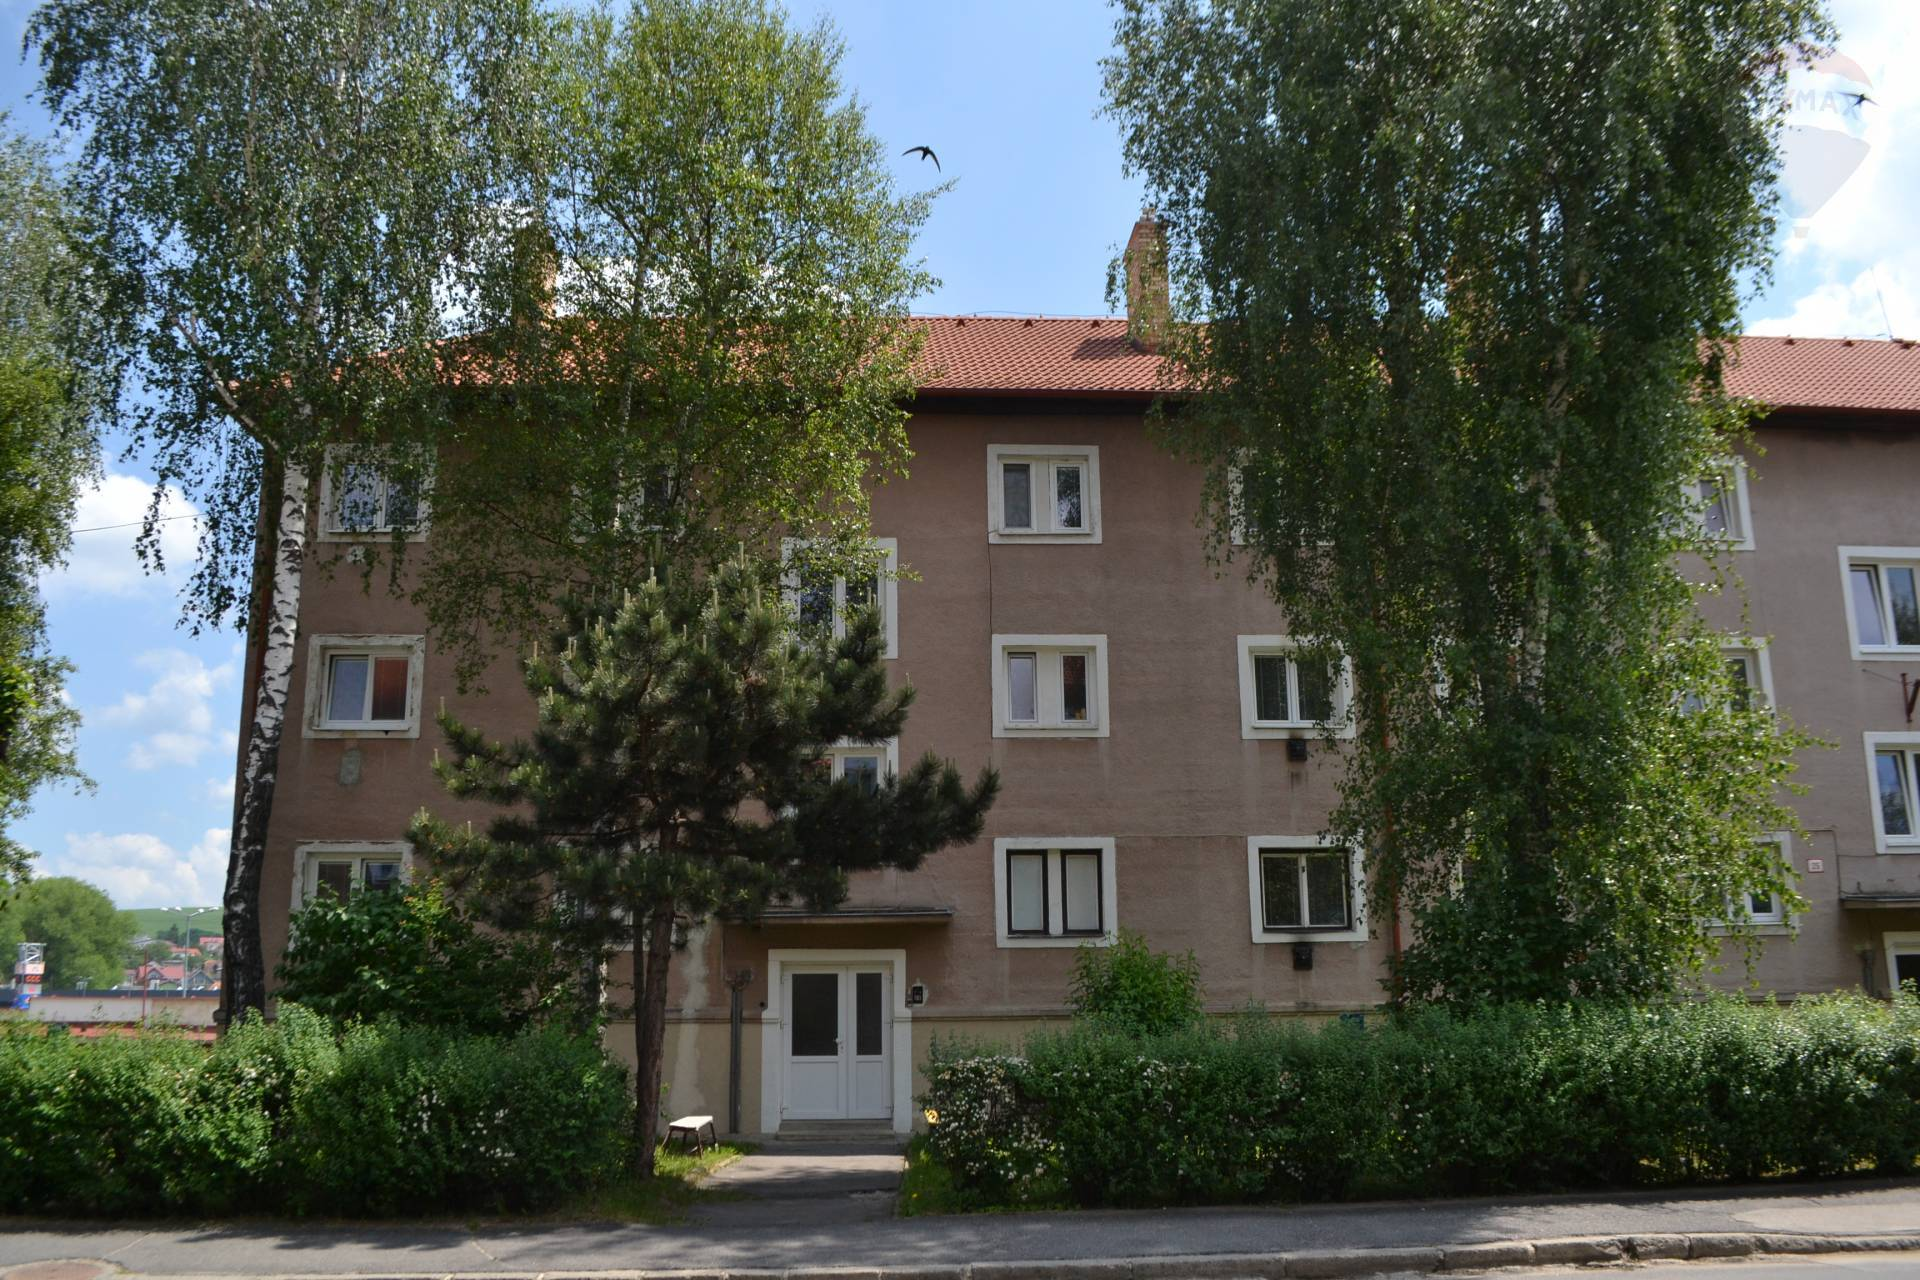 !! REZERVOVANÉ!! RE/MAX ponúka na predaj tehlový, veľký 2-izbový byt, ul. Gen. Štefánika, Kežmarok